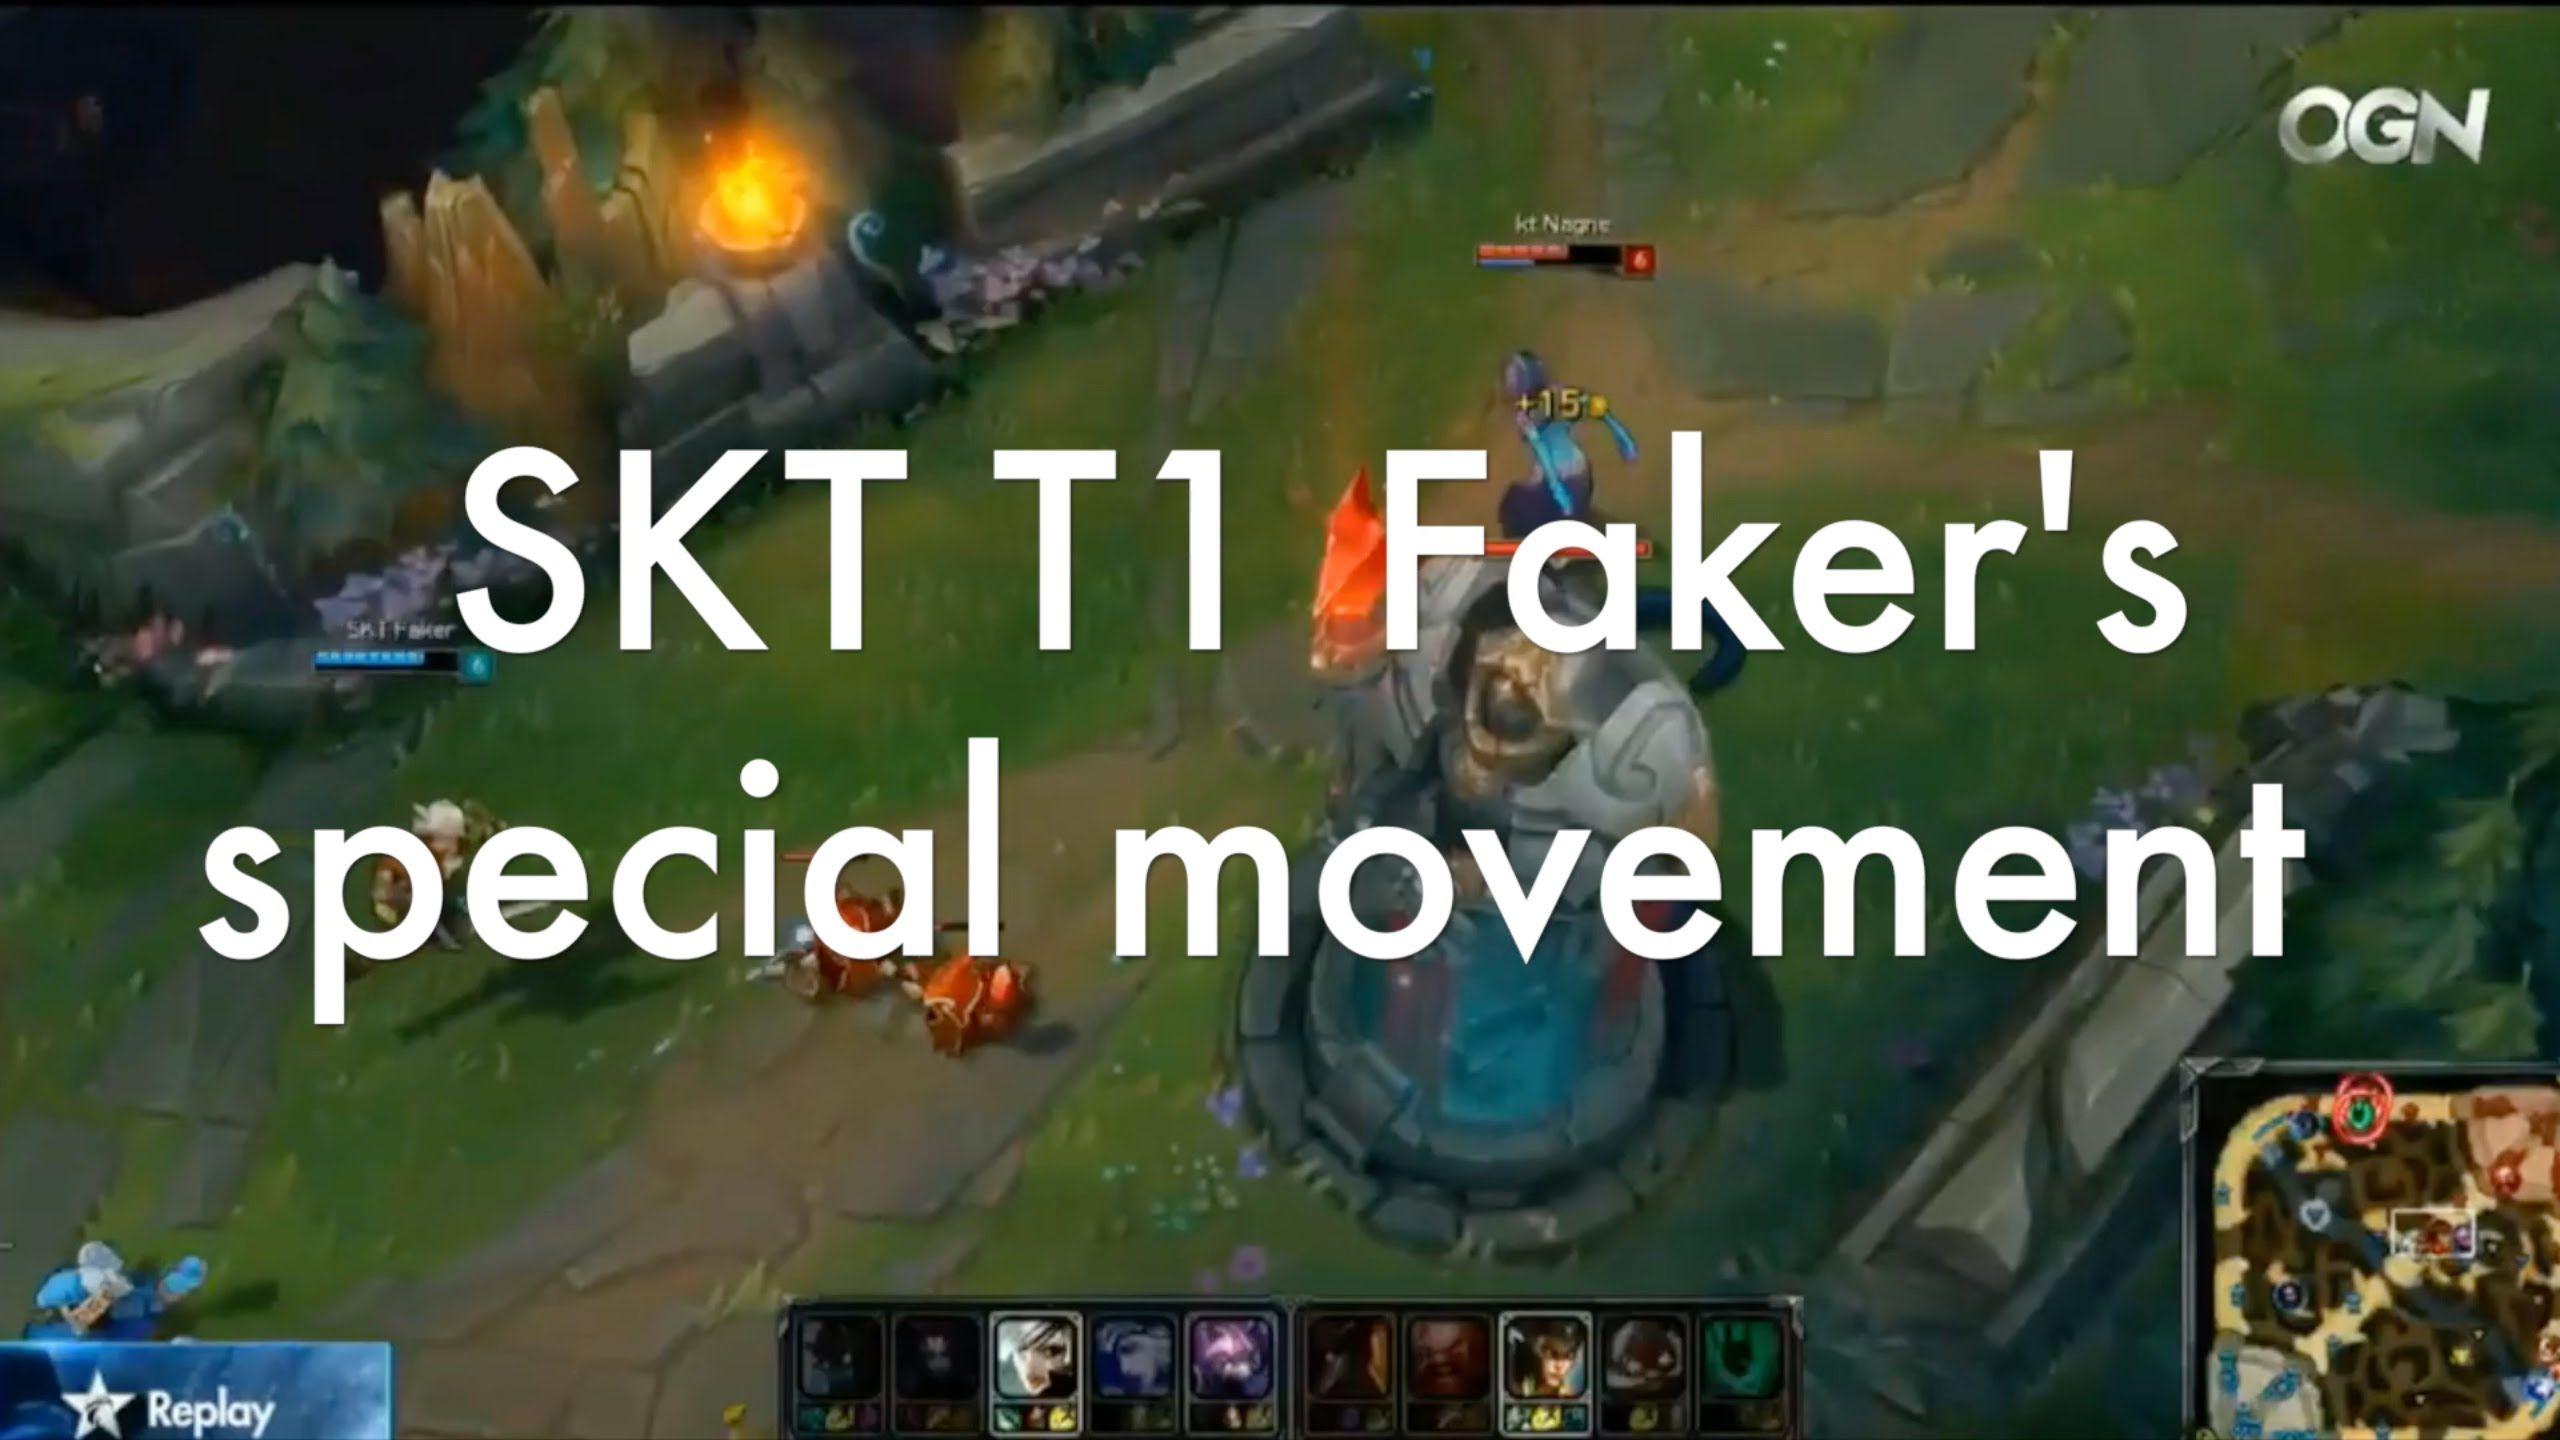 How to dodge (SKT T1 Faker version) / 페이커가 스킬을 피하는 방법